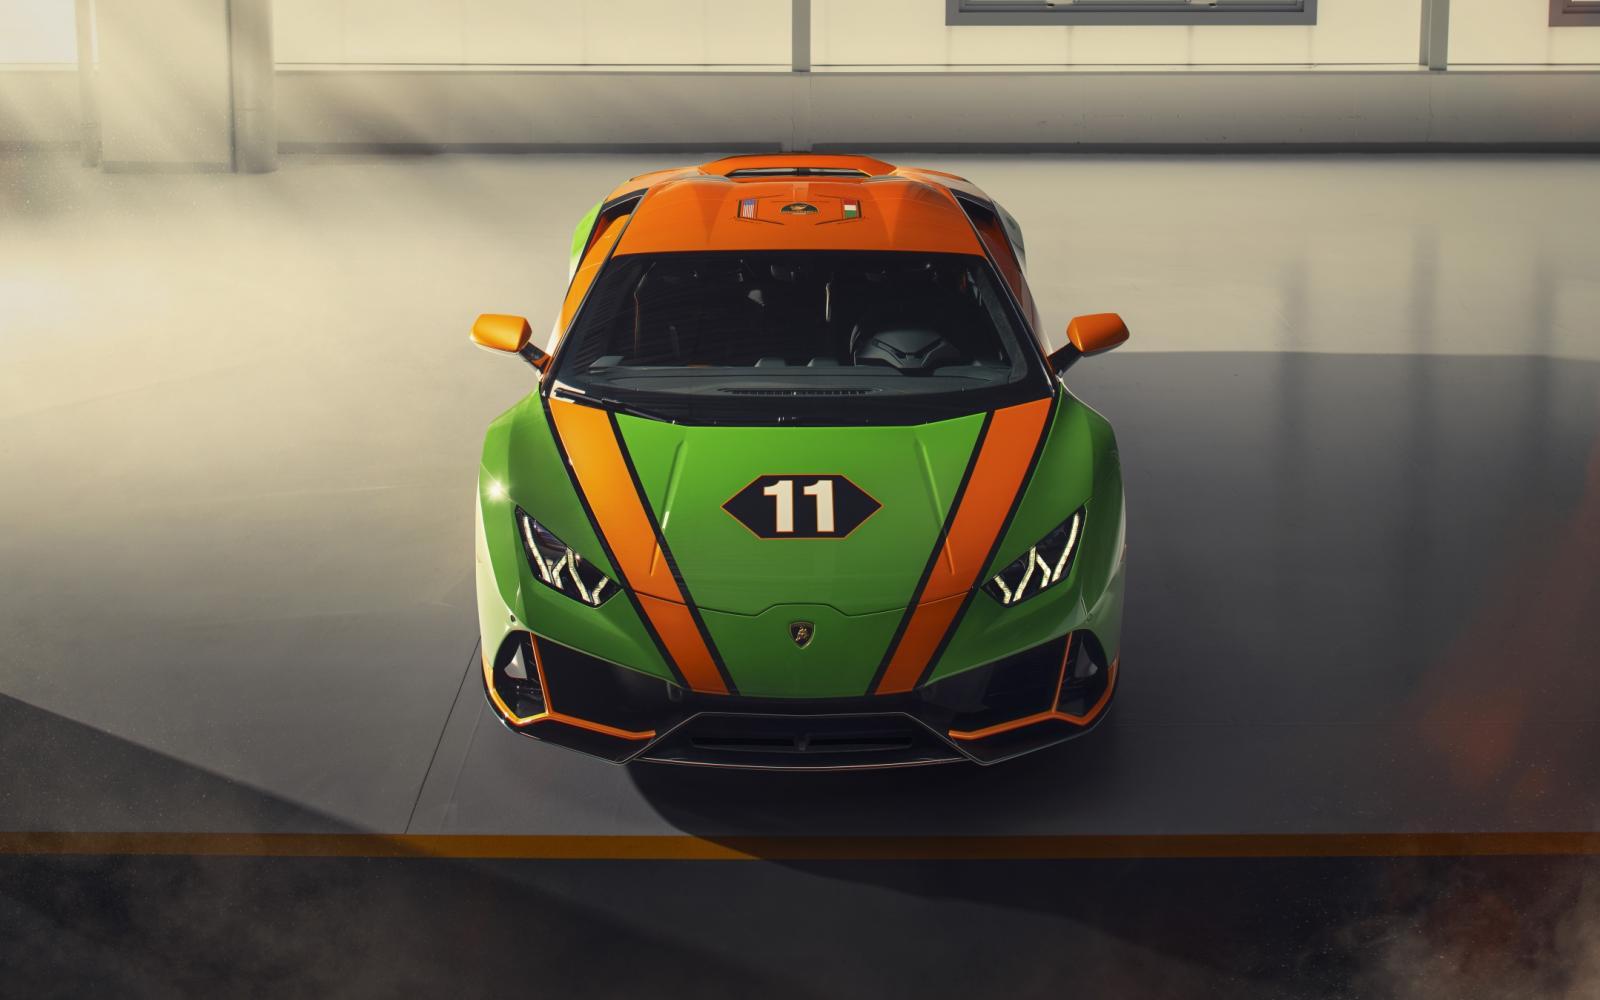 Wat heeft Lamborghini te vieren met deze 'actiemodelletjes'?